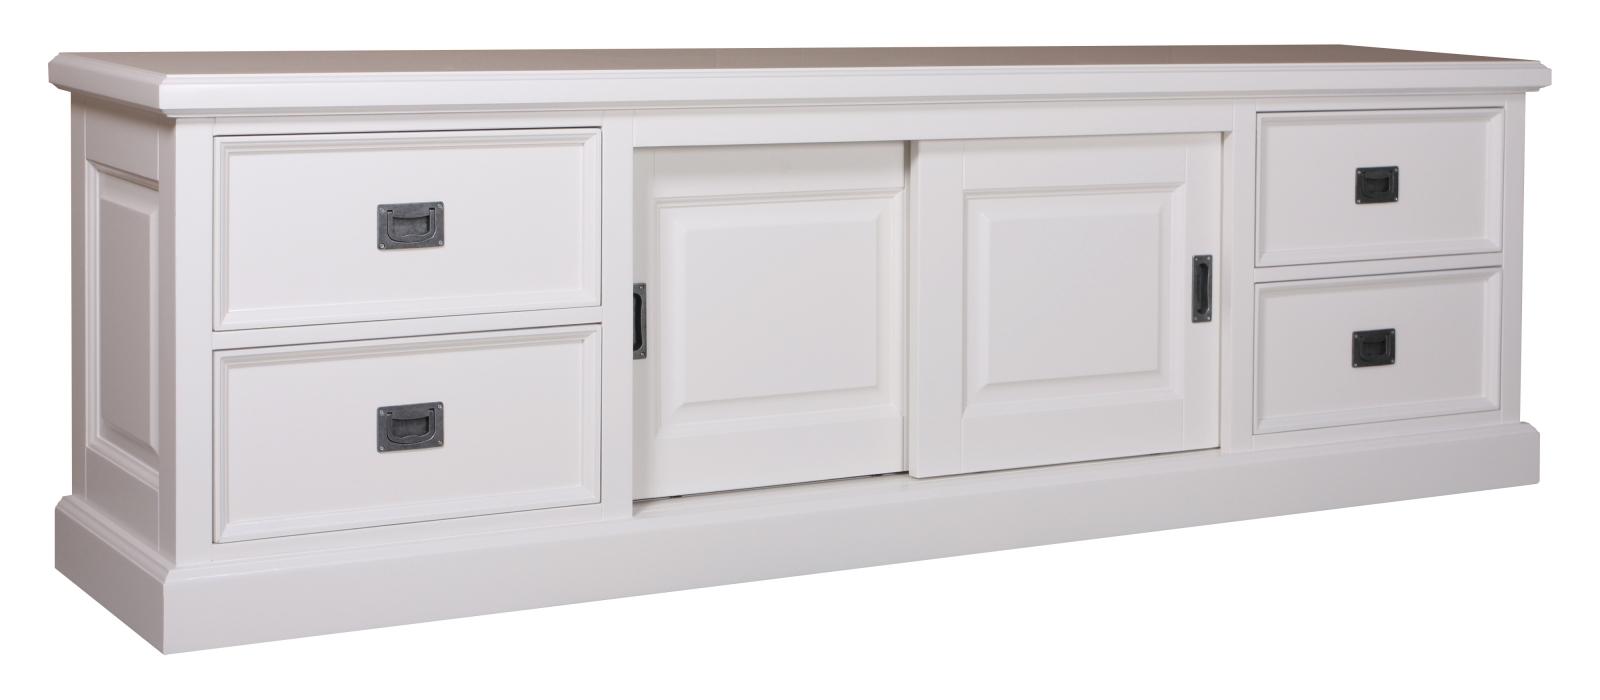 Meuble TV Eyeglass 2 portes 4 tiroirs - Produit - XO Interiors